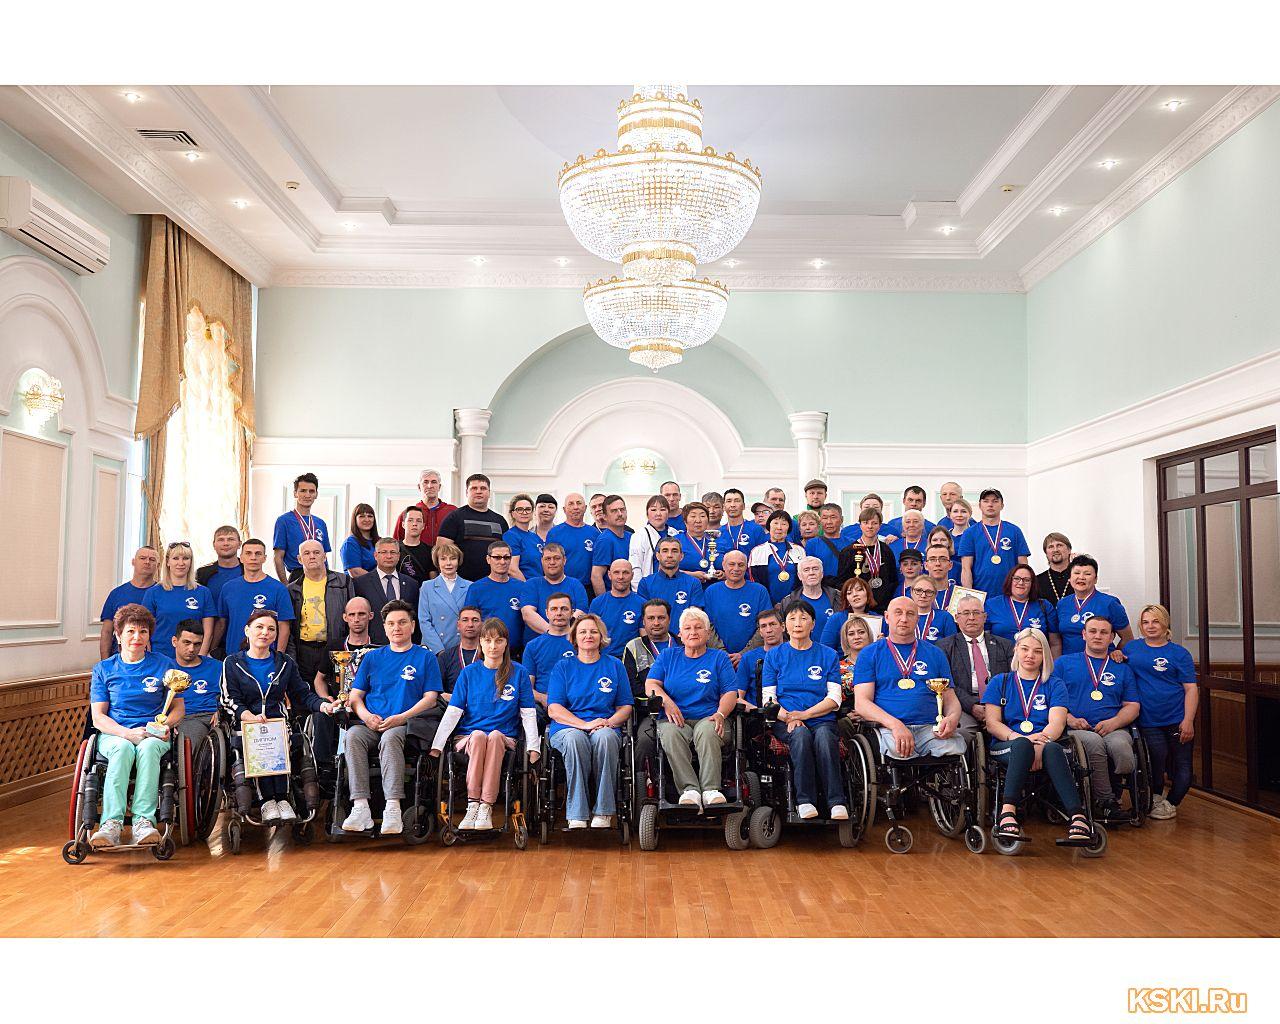 ХХVI физкультурно-спортивно фестиваль среди инвалидов с нарушением функций опорно-двигательного аппарата